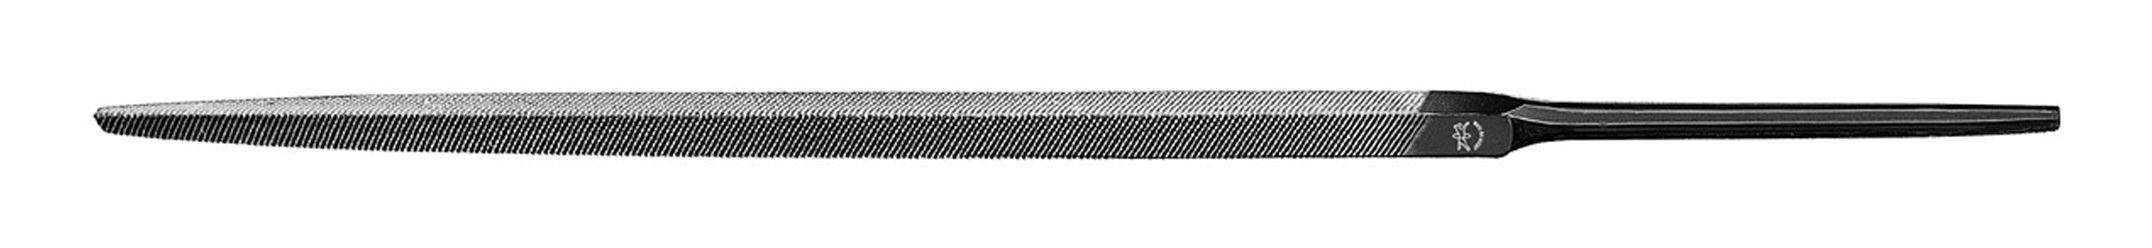 Pferd Dreikant-Schlüsselfeile 100mm Hieb 2 - 11505102